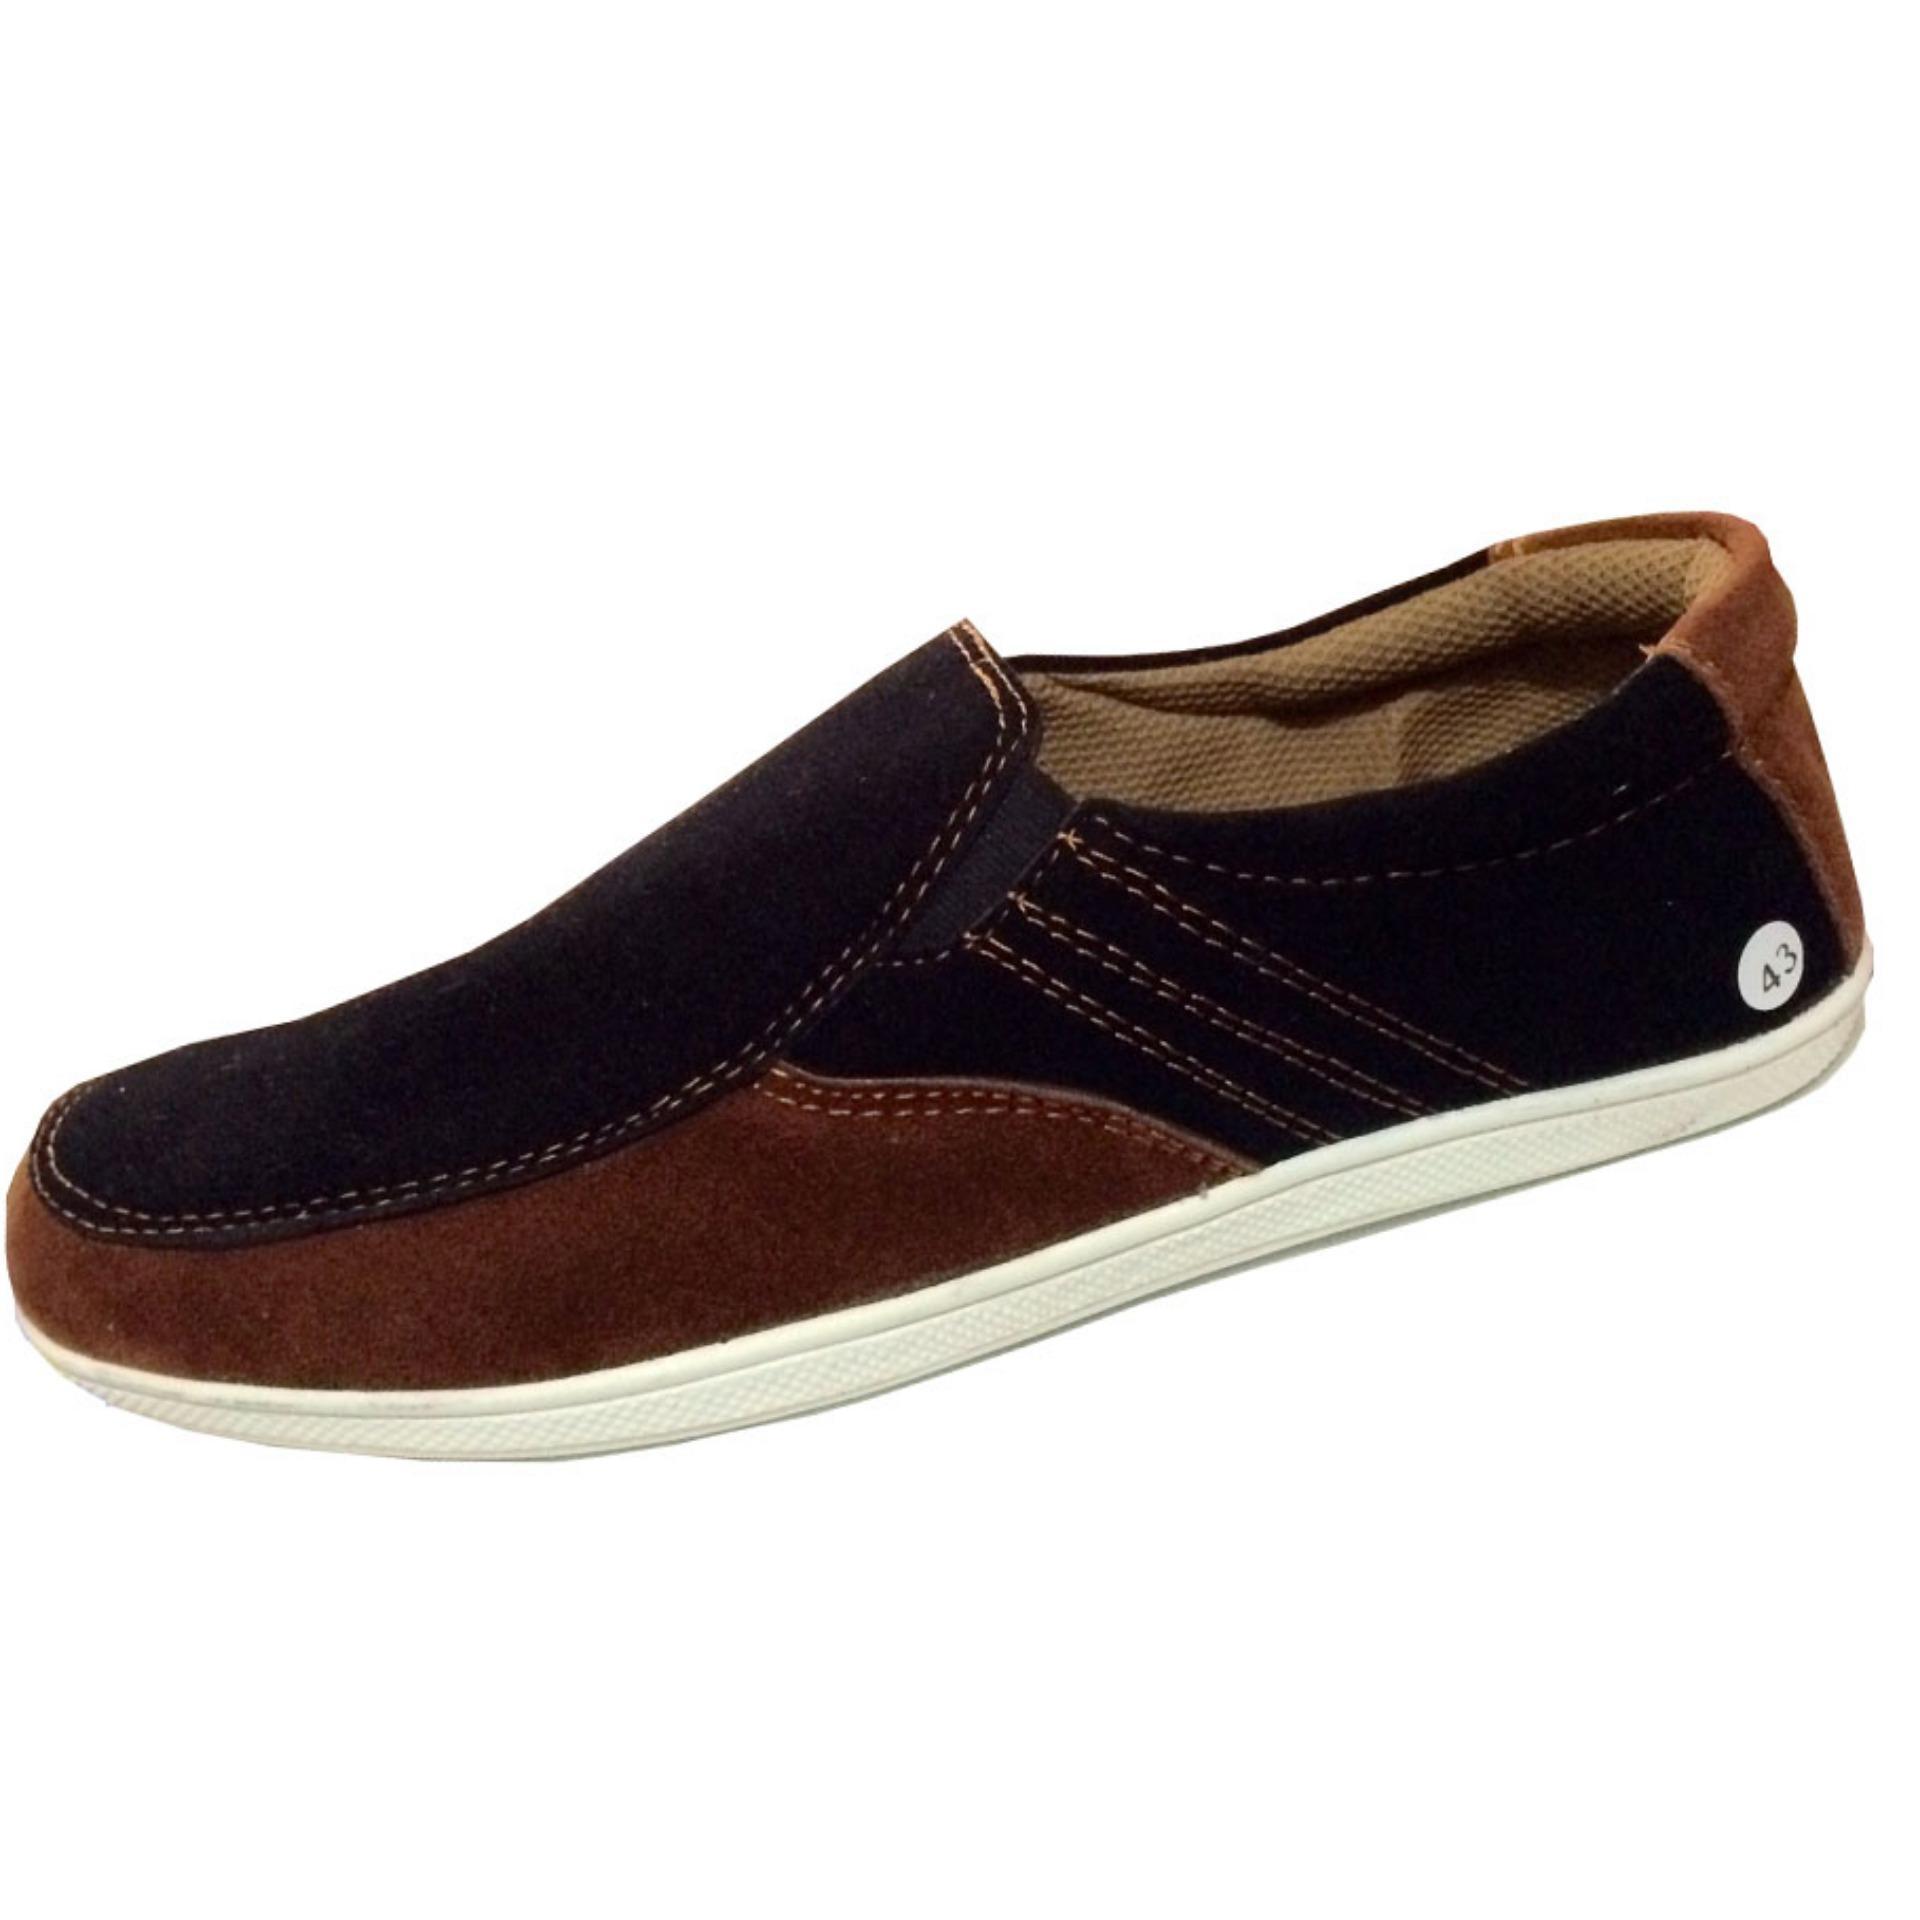 EWN Sepatu Slip On Casual Pria   Sepatu Pria   Sepatu Kasual Pria -  HitamIDR79900. ce4cfdf187